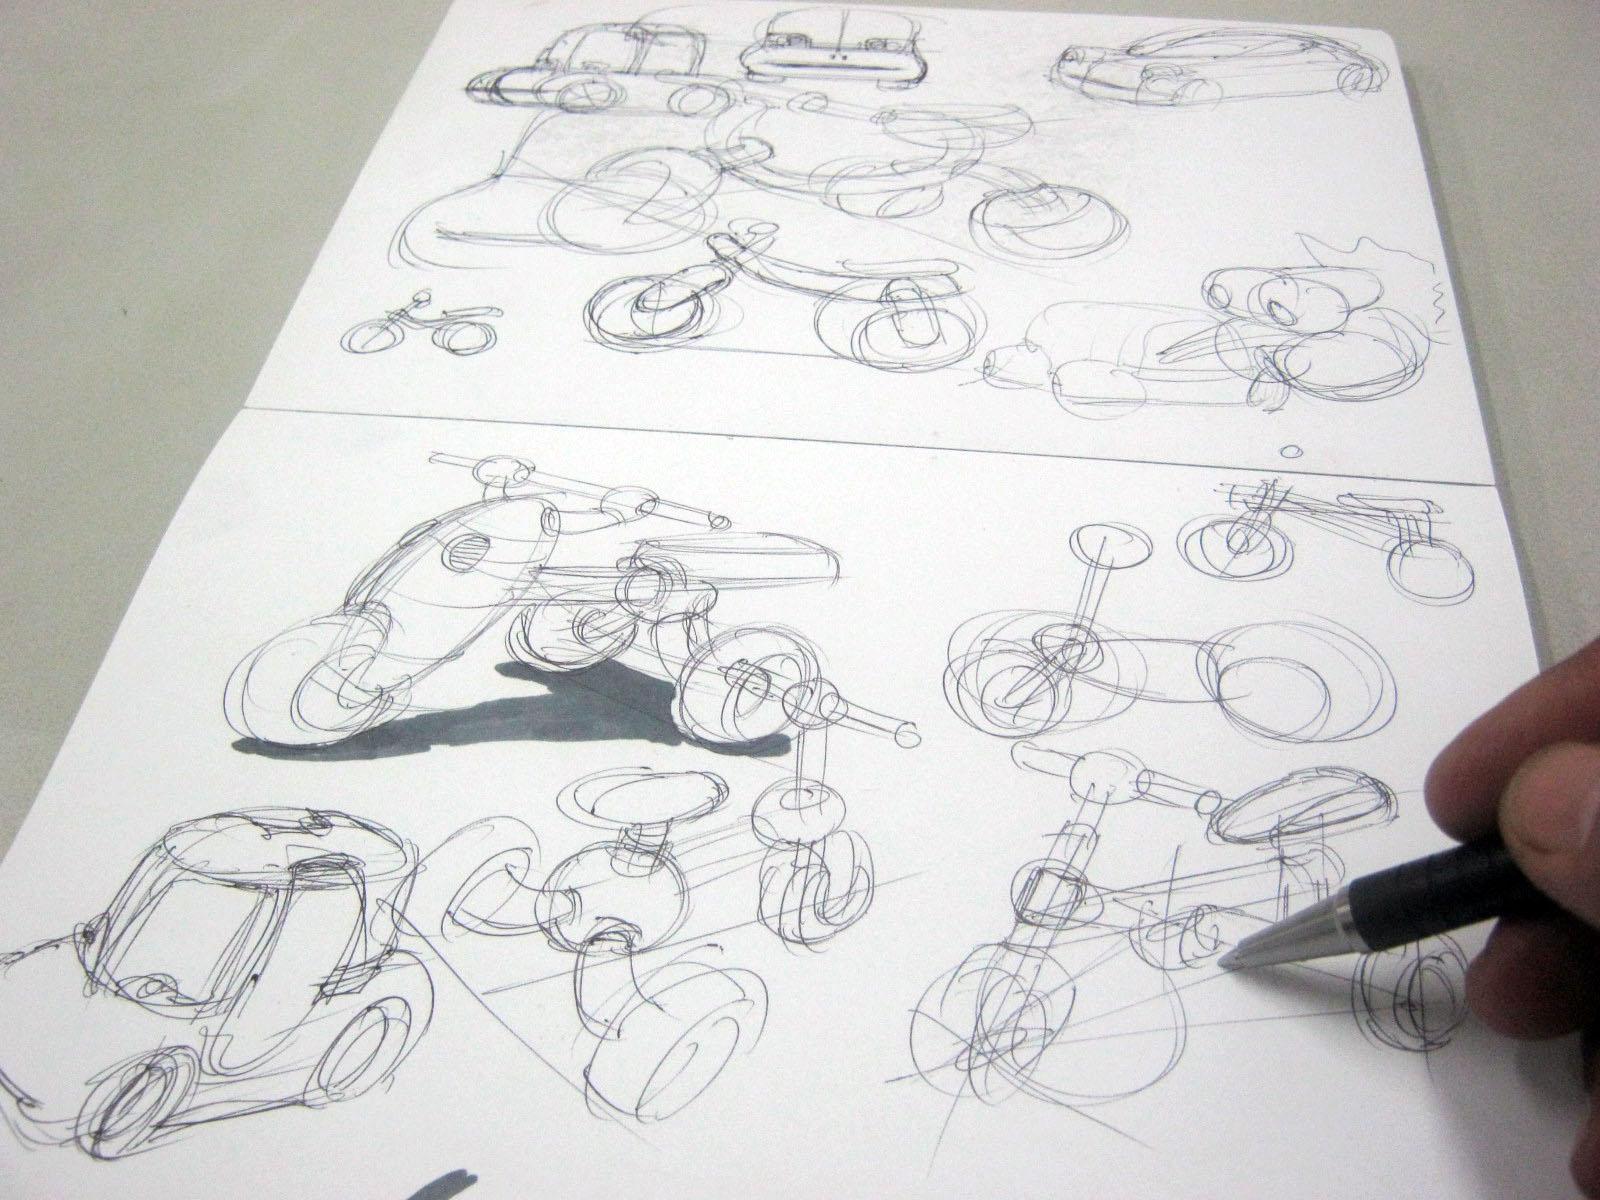 Render cepat gambar sketsa Teknik Sketsa Produk